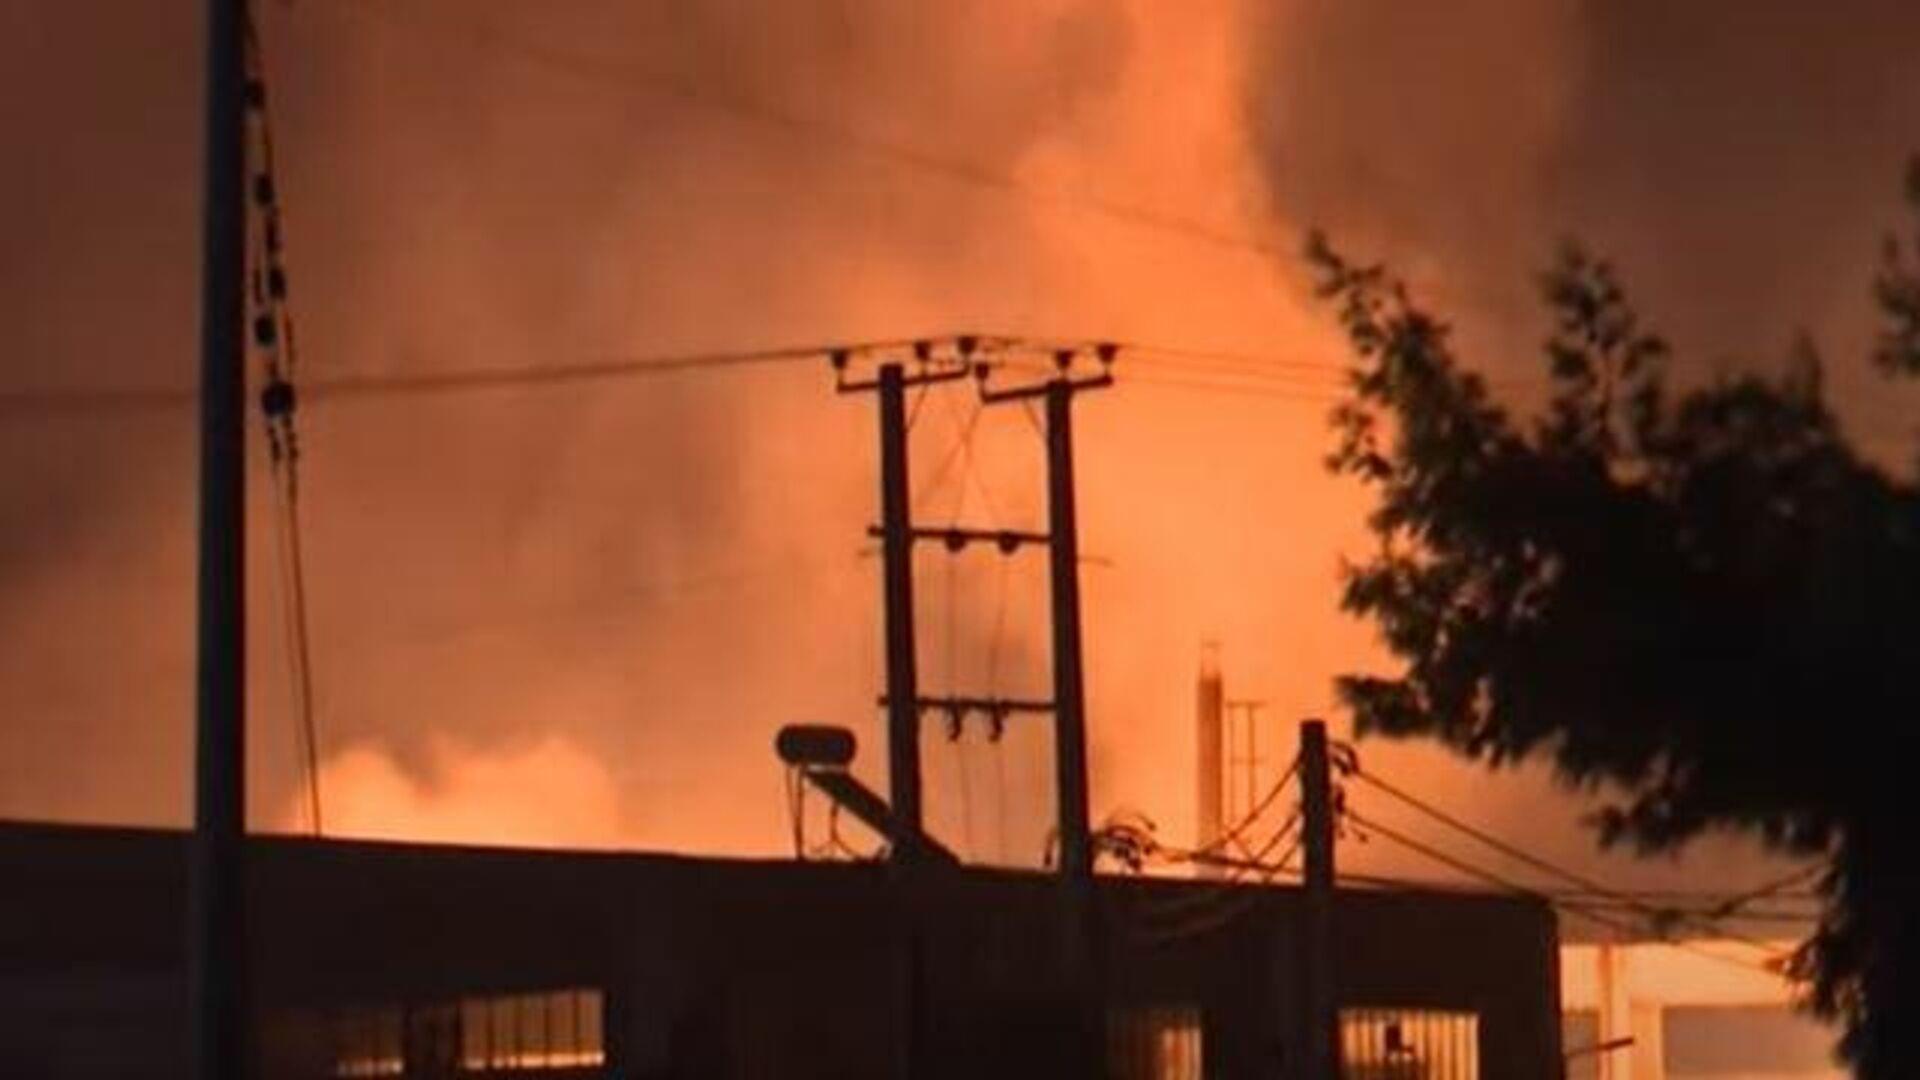 Μεγάλη φωτιά σε εργοστάσιο στον Ασπρόπυργο - Sputnik Ελλάδα, 1920, 22.09.2021